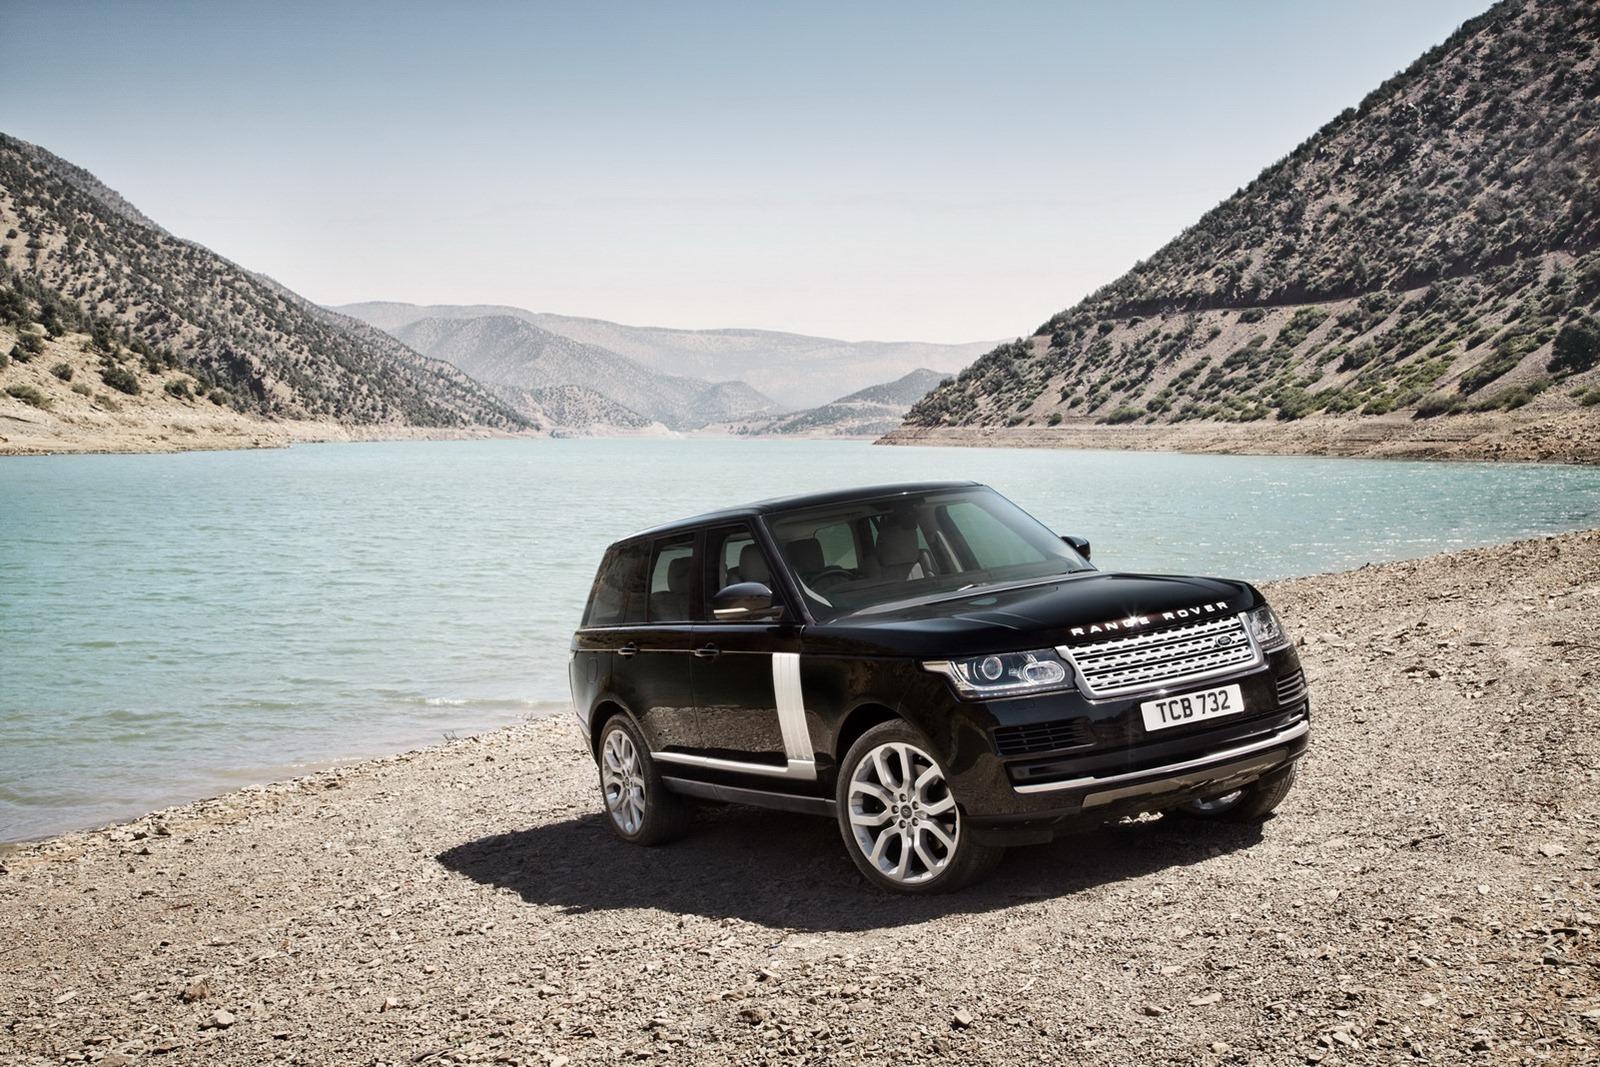 2013-Range-Rover-75%25255B2%25255D.jpg